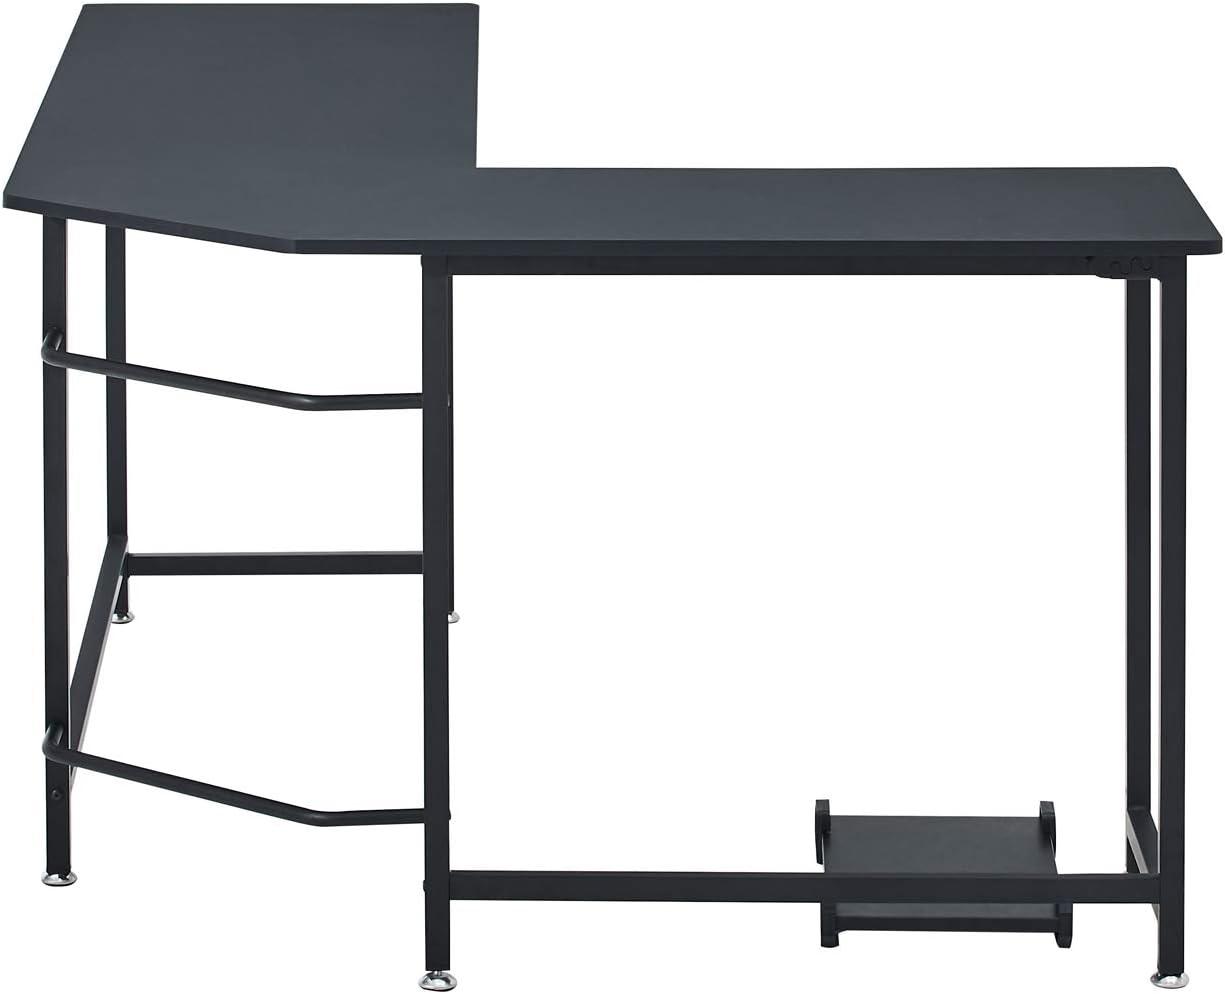 L168 D120 Schwarz H75CM Symylife Eckschreibtisch B/üro Schreibtisch f/ür zu Hause L-f/örmiger Computertisch Gro/ßer PC Laptop Workstation Spieltisch f/ür zu Hause